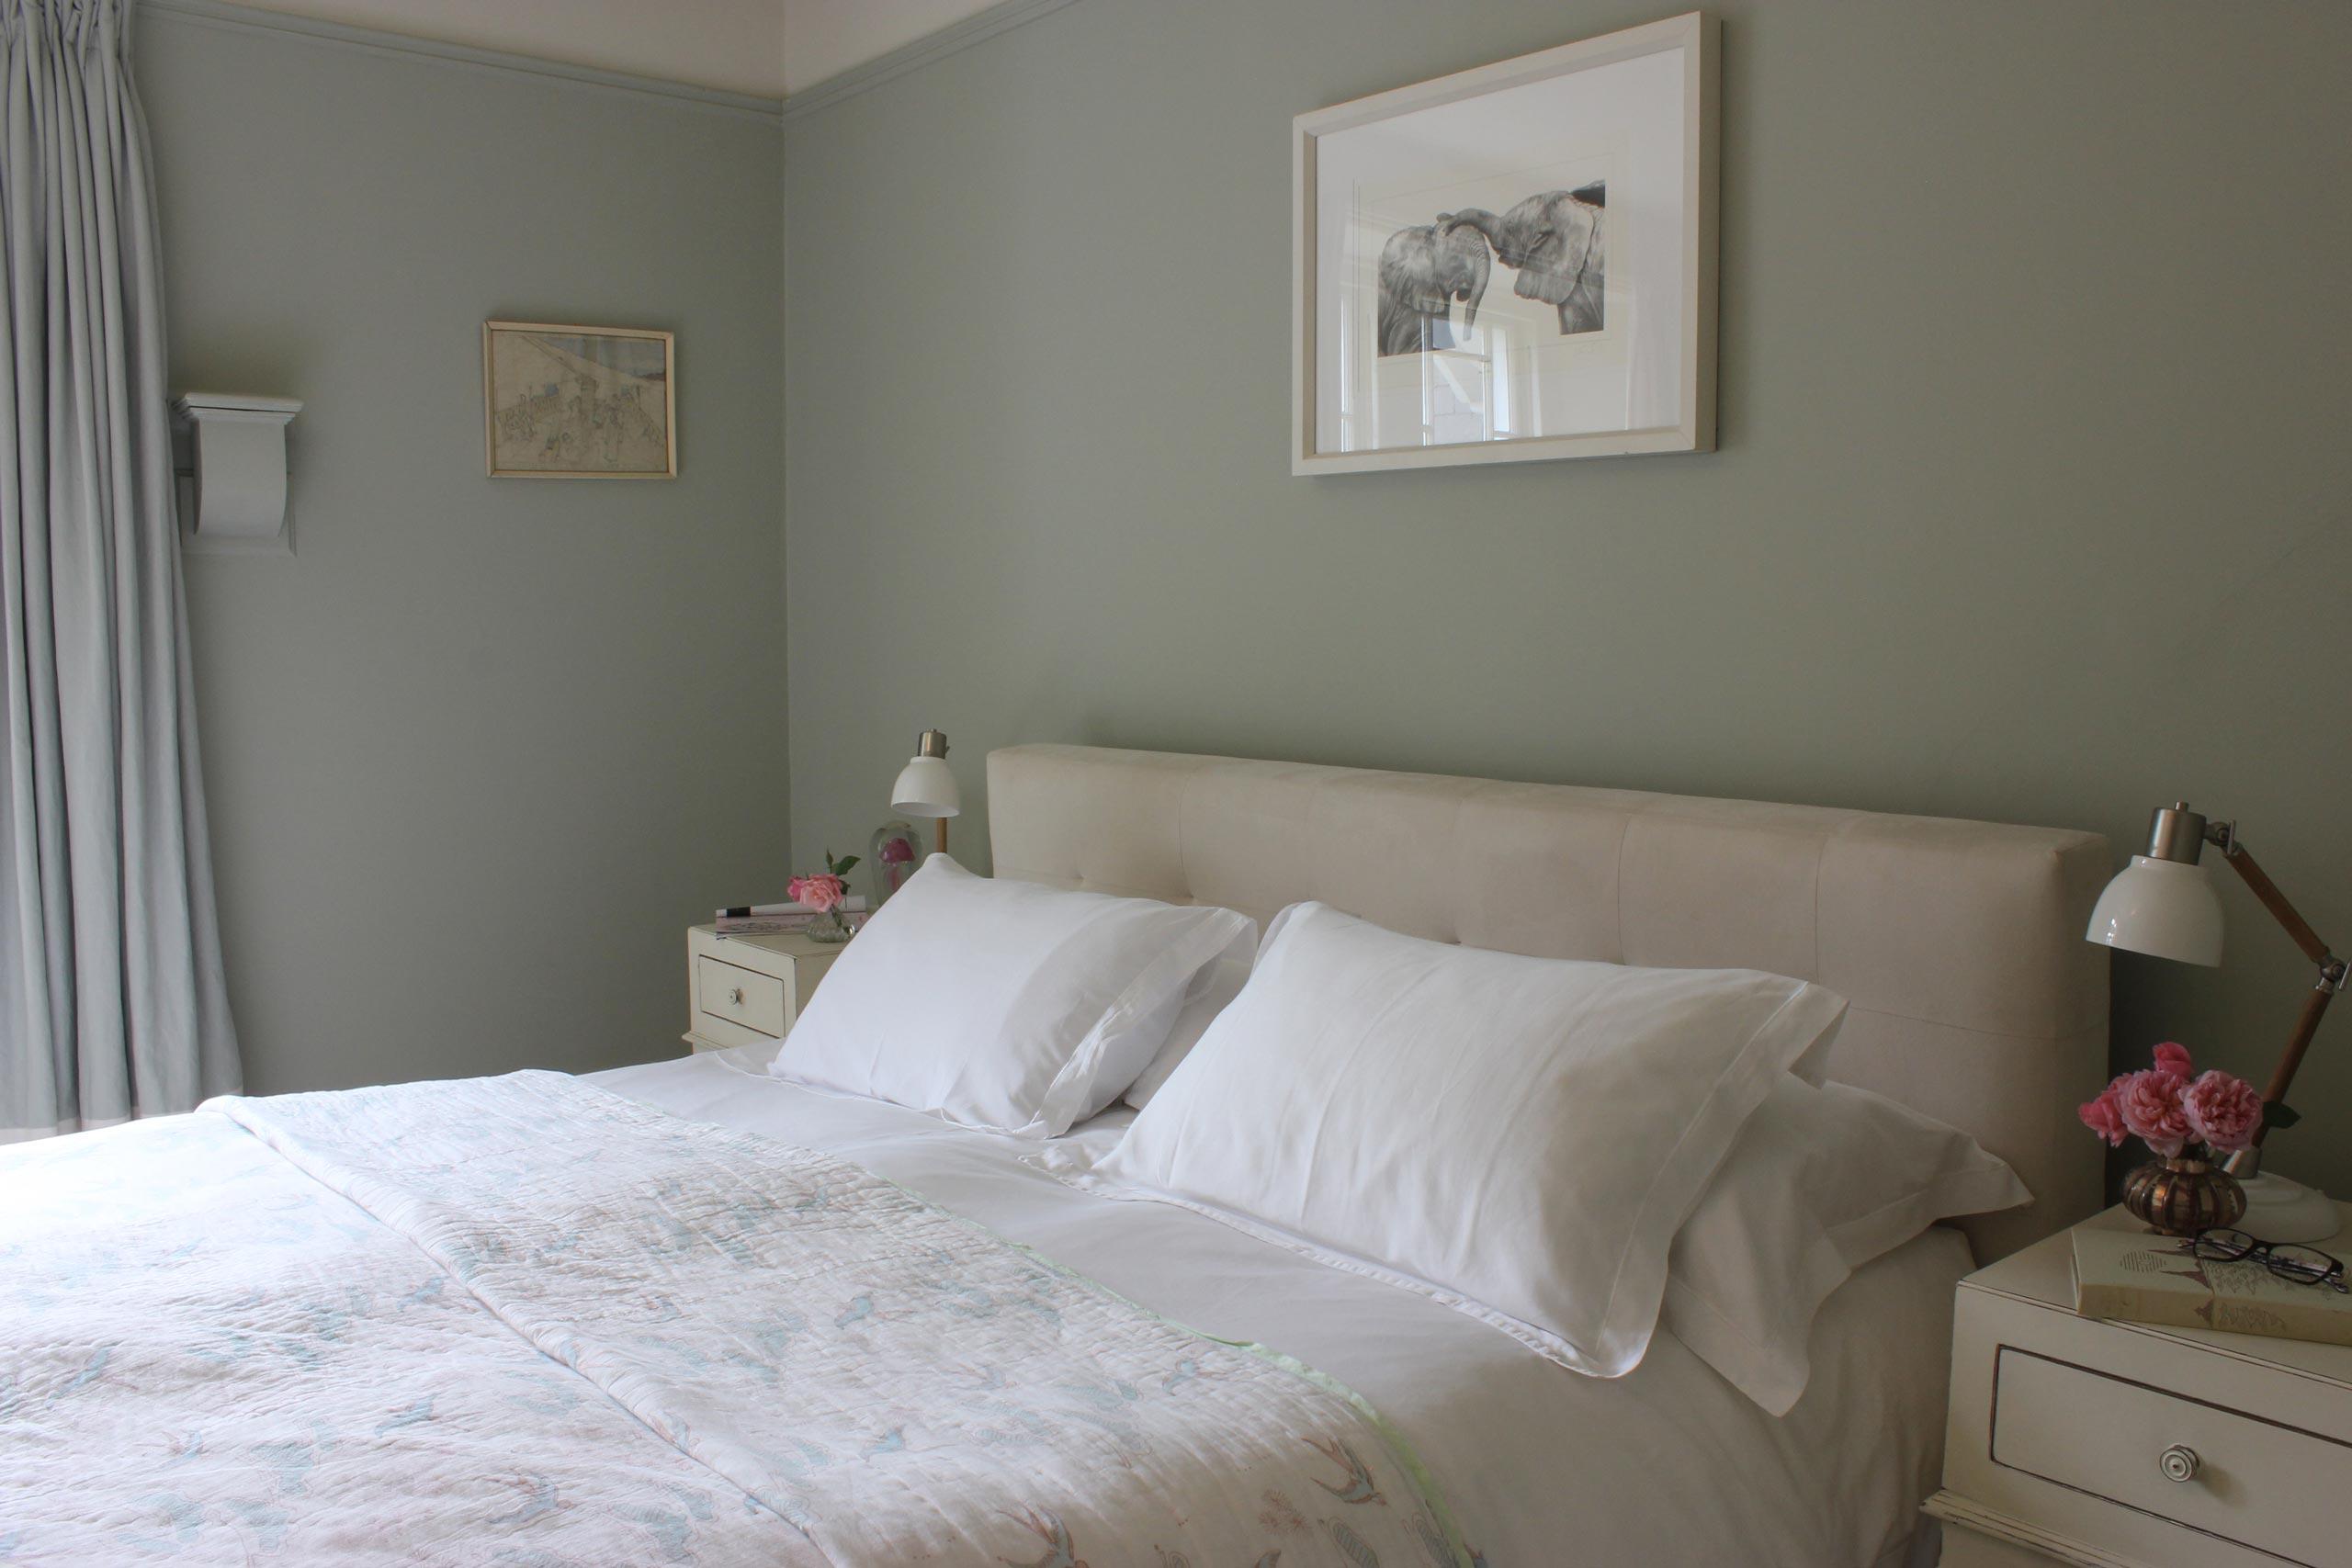 Main bedroom bed to window new